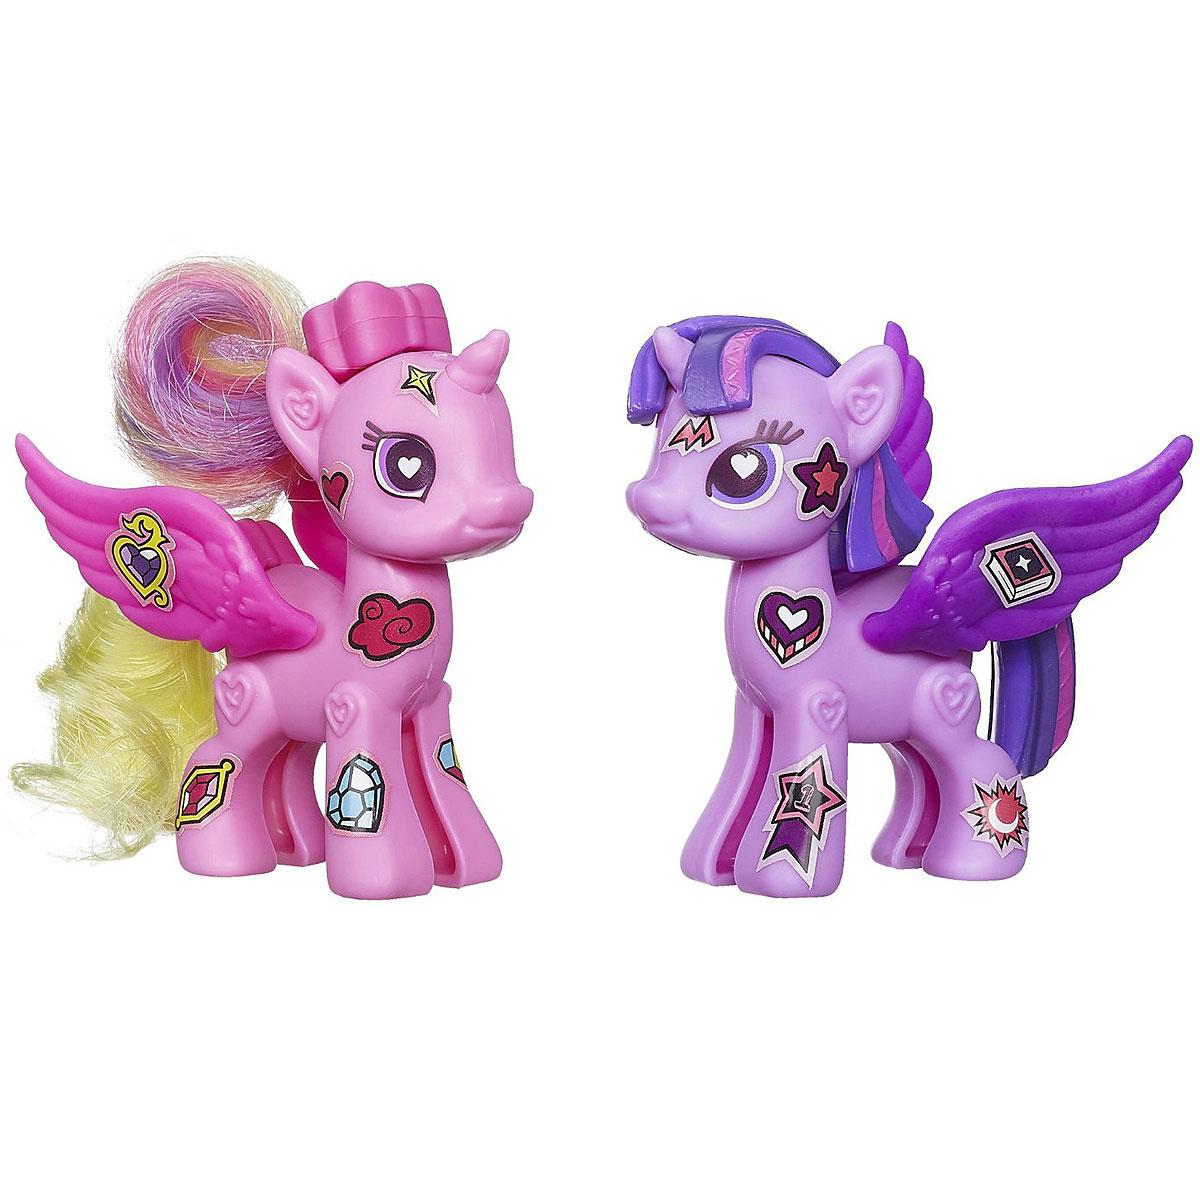 My Little Pony Рор Игровой набор Princess Twilight Sparkle & Princess CadanceA8205/A8740Princess CadanceИгровой набор My Little Pony Pop Princess Twilight Sparkle & Princess Cadance откроет перед вашей малышкой невероятные возможности! Девочка сможет сама собрать свою любимую пони - или придумать уникальную, комбинируя элементы из разных наборов. В набор входят элементы для создания 2 фигурок: - 4 детали туловища, 4 гривы, 4 хвостика, 2 пары крыльев, браслет для девочки, а также лист с наклейками, которыми малышка сможет украсить пони по своему вкусу. Все элементы набора выполнены из прочного безопасного пластика. Все элементы набора легко соединяются друг с другом и собрать очаровательную пони не составит труда. Набор совместим с другими наборами из серии My Little Pony Pop, что позволит малышке создать свою собственную, уникальную пони. А входящий в набор браслет станет стильным аксессуаром для маленькой модницы. Игры с таким набором не только подарят девочке множество счастливых мгновений, но и помогут развить мелкую моторику и творческие способности.